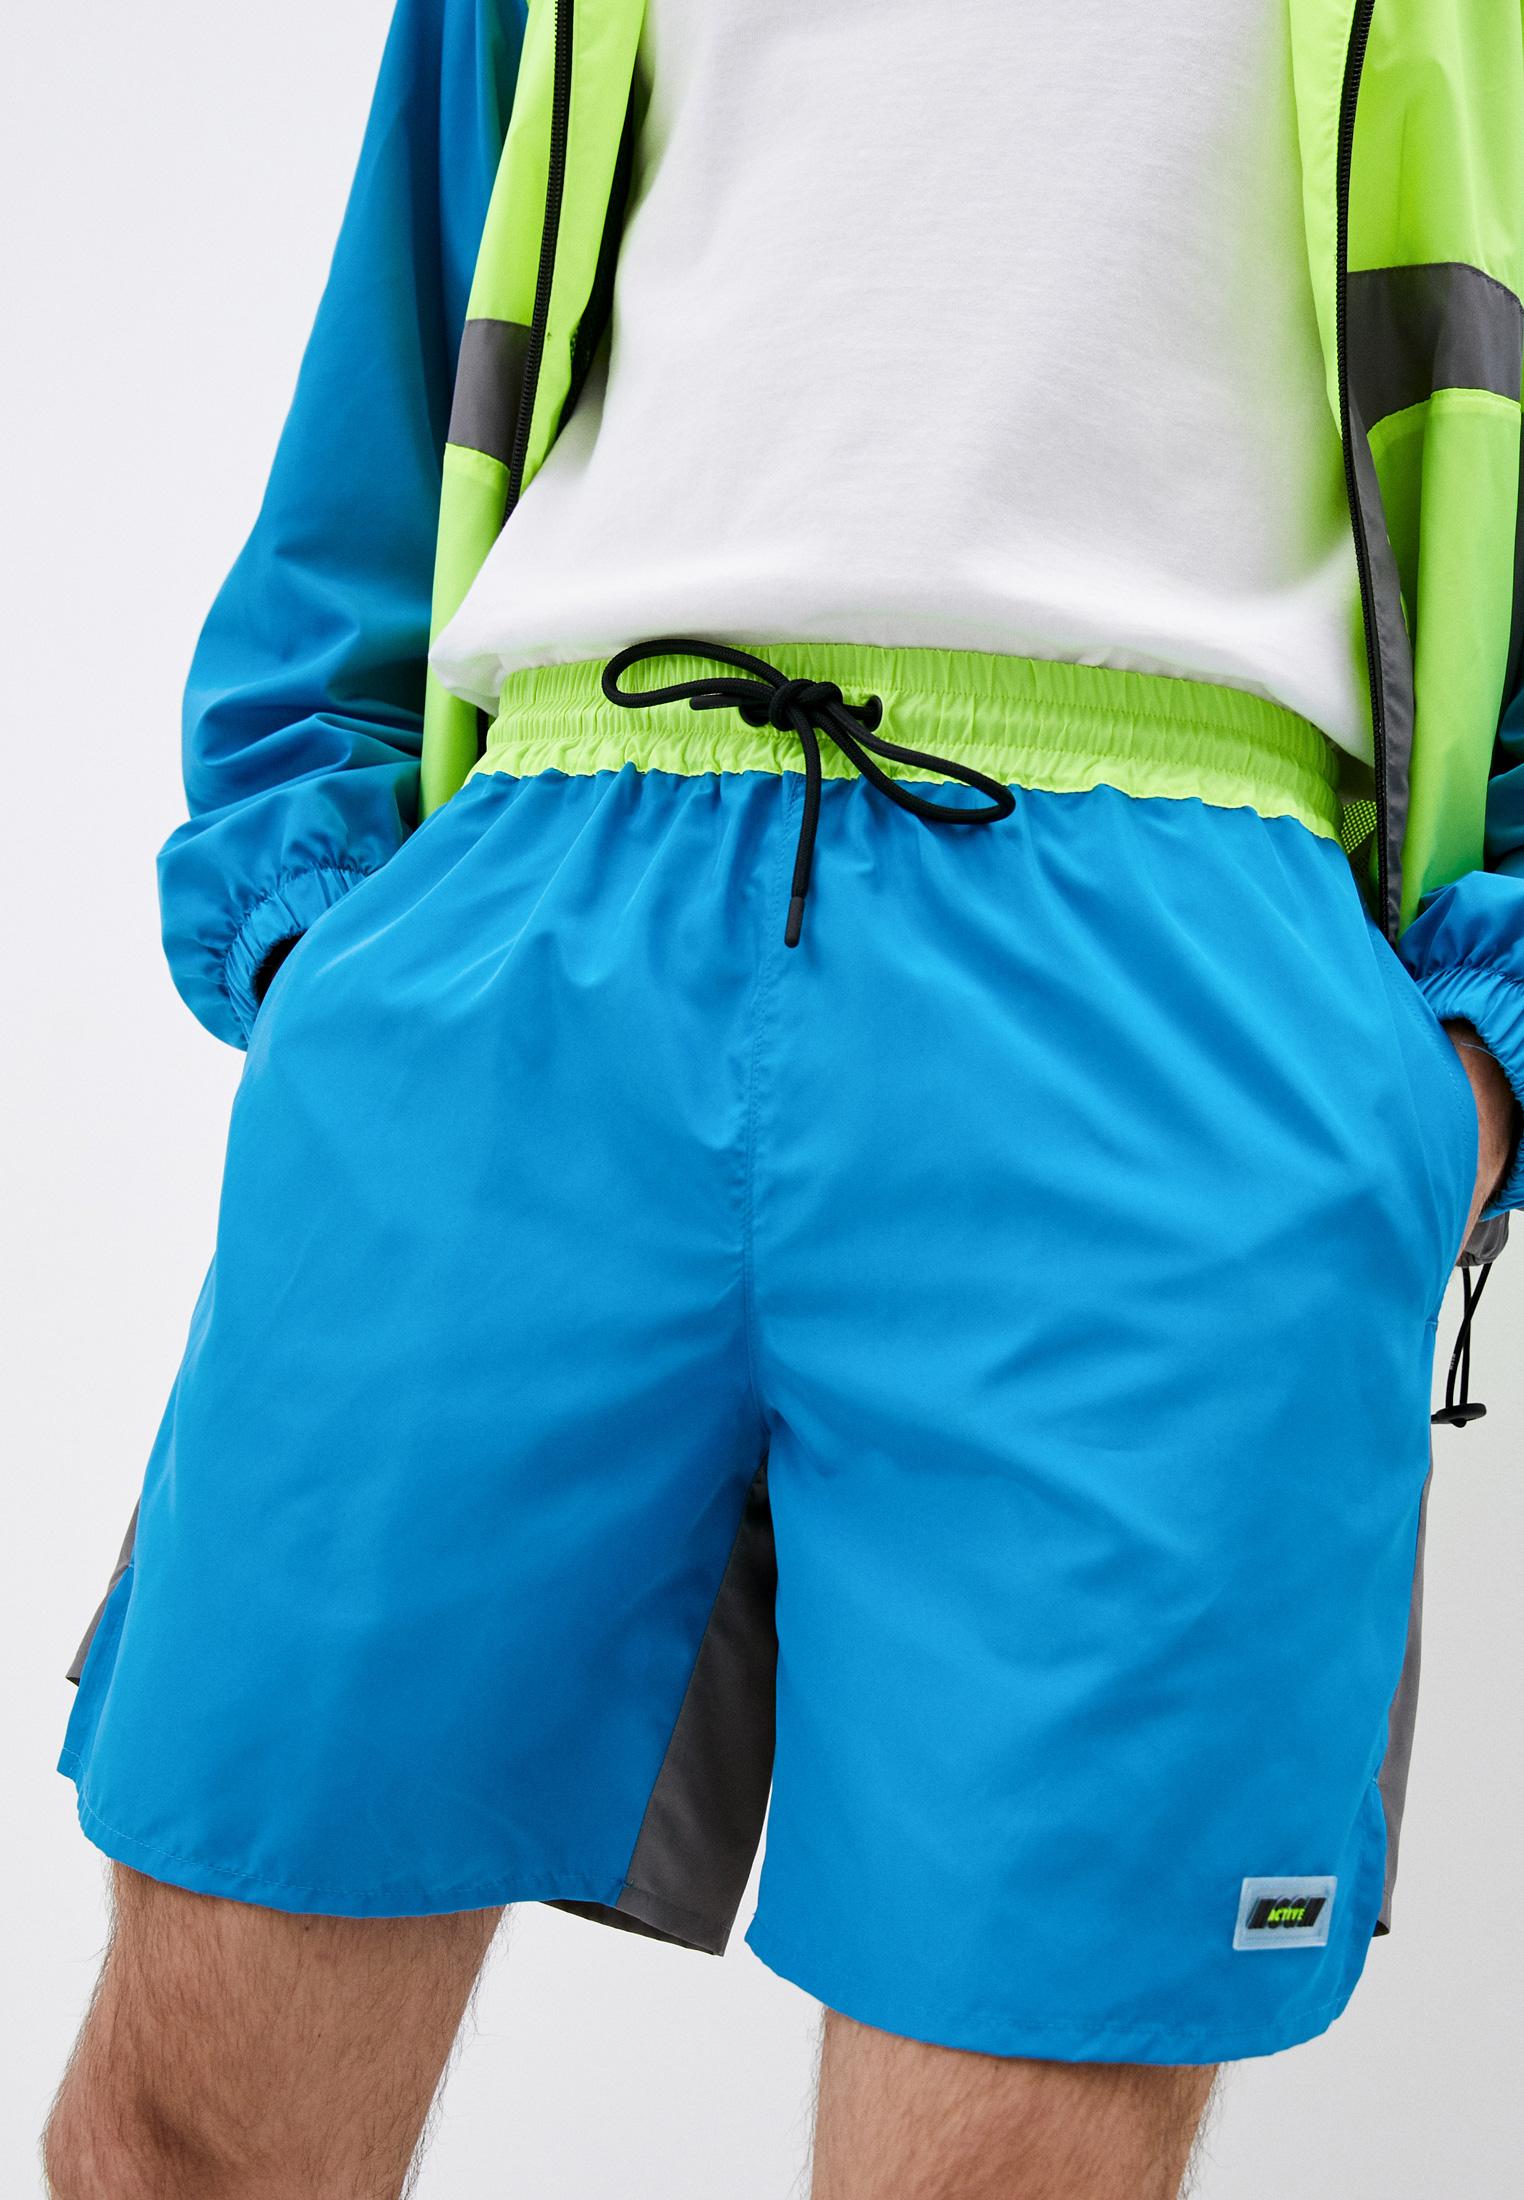 Мужские спортивные шорты MSGM Шорты спортивные MSGM